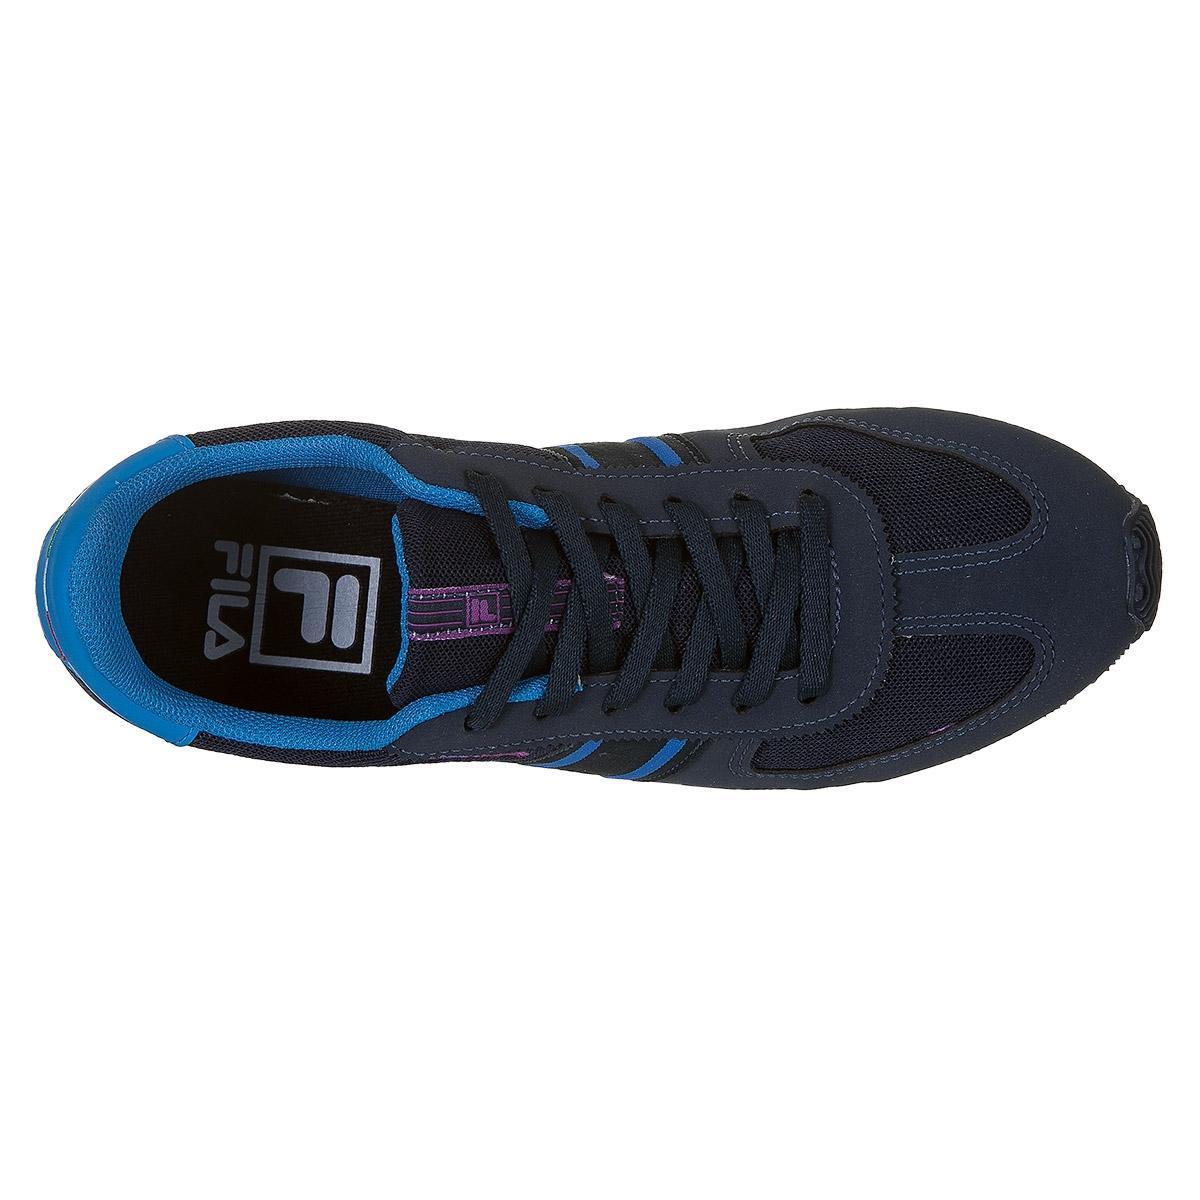 de720cb3caa Tênis Fila F Retro Sport Feminino - Produtos para Tênis e Squash ...